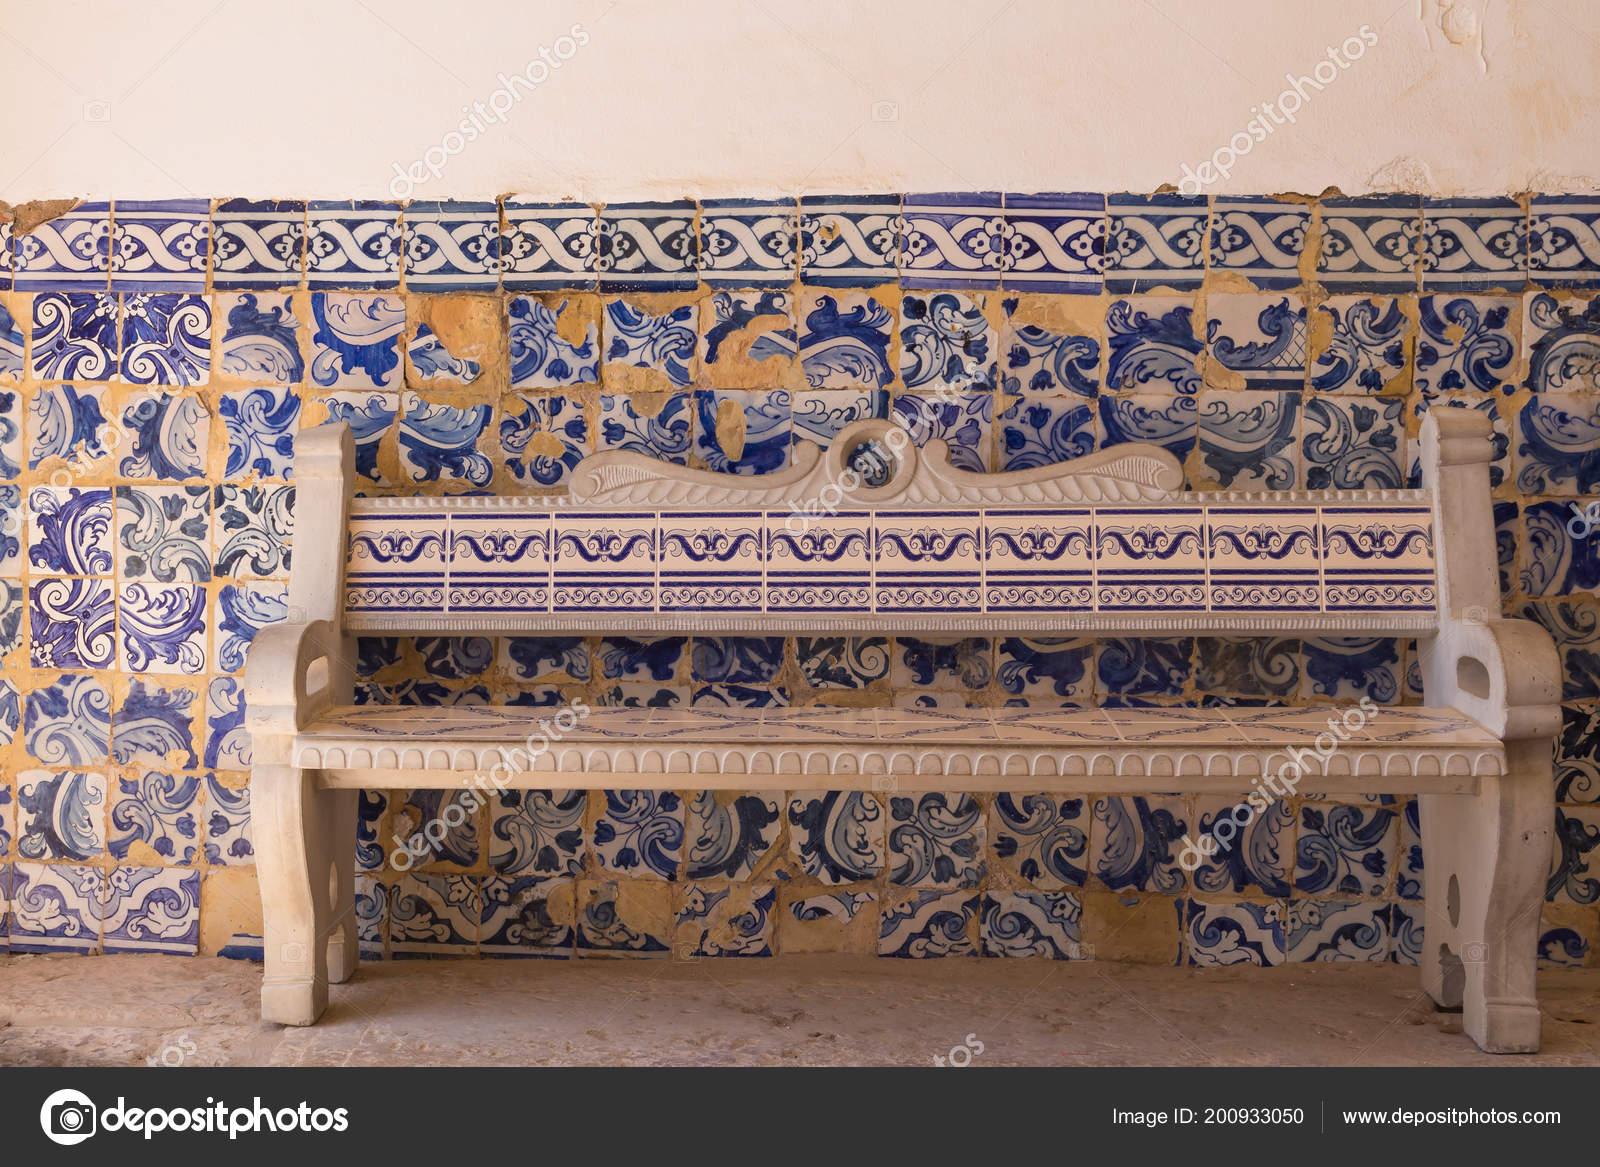 Panca muro con tradizionale ceramica azulejos piastrelle con